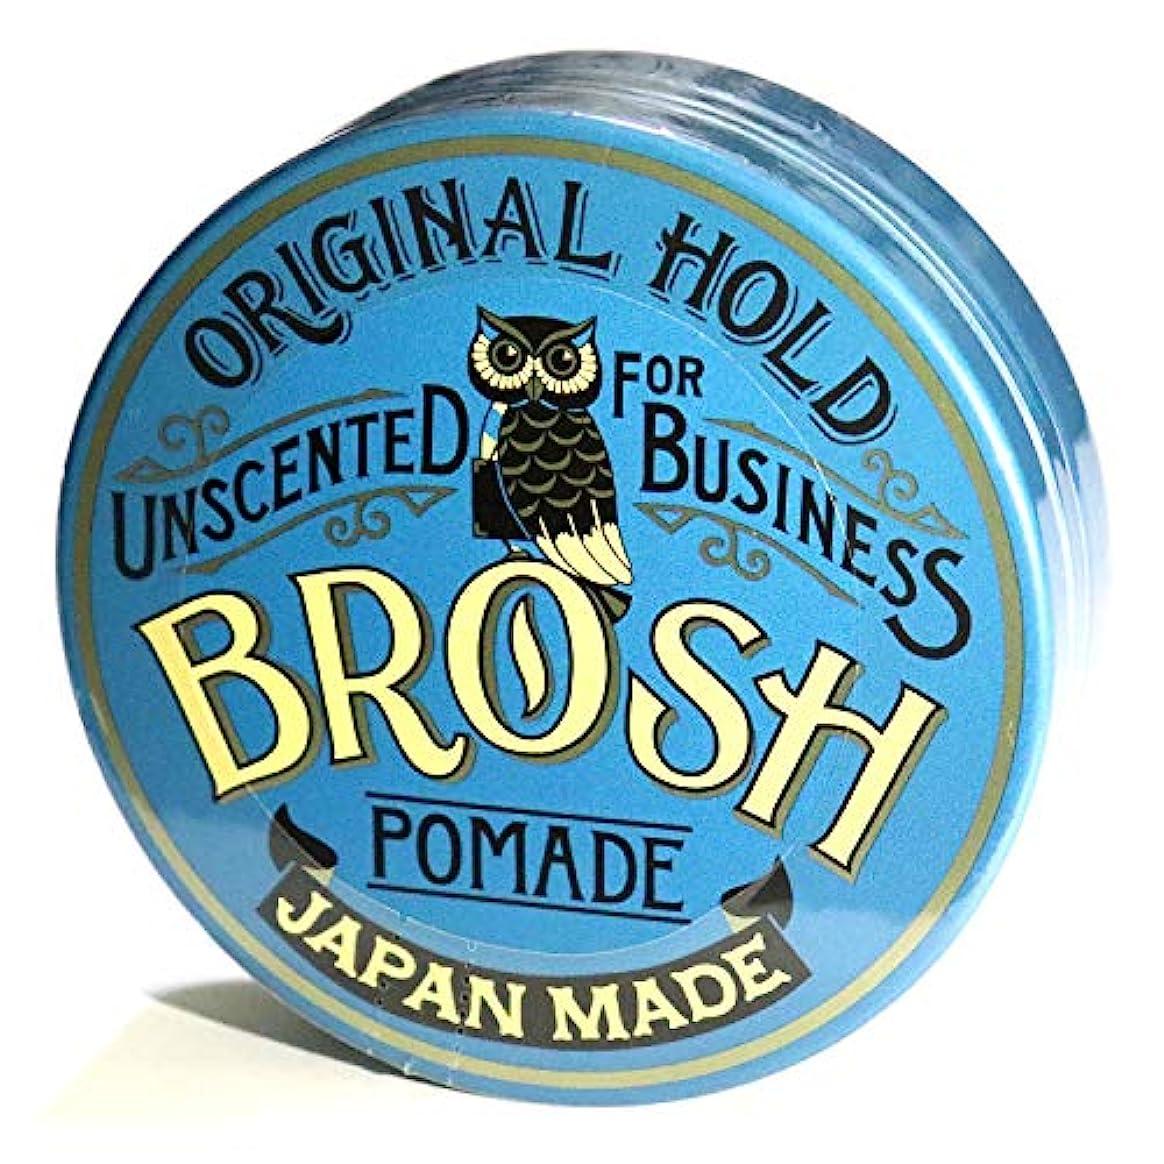 最小スカイジャーナルBROSH (ブロッシュ) BROSH POMADE UNSCENTED/BIZ 115g 水性ポマード 整髪料 無香料